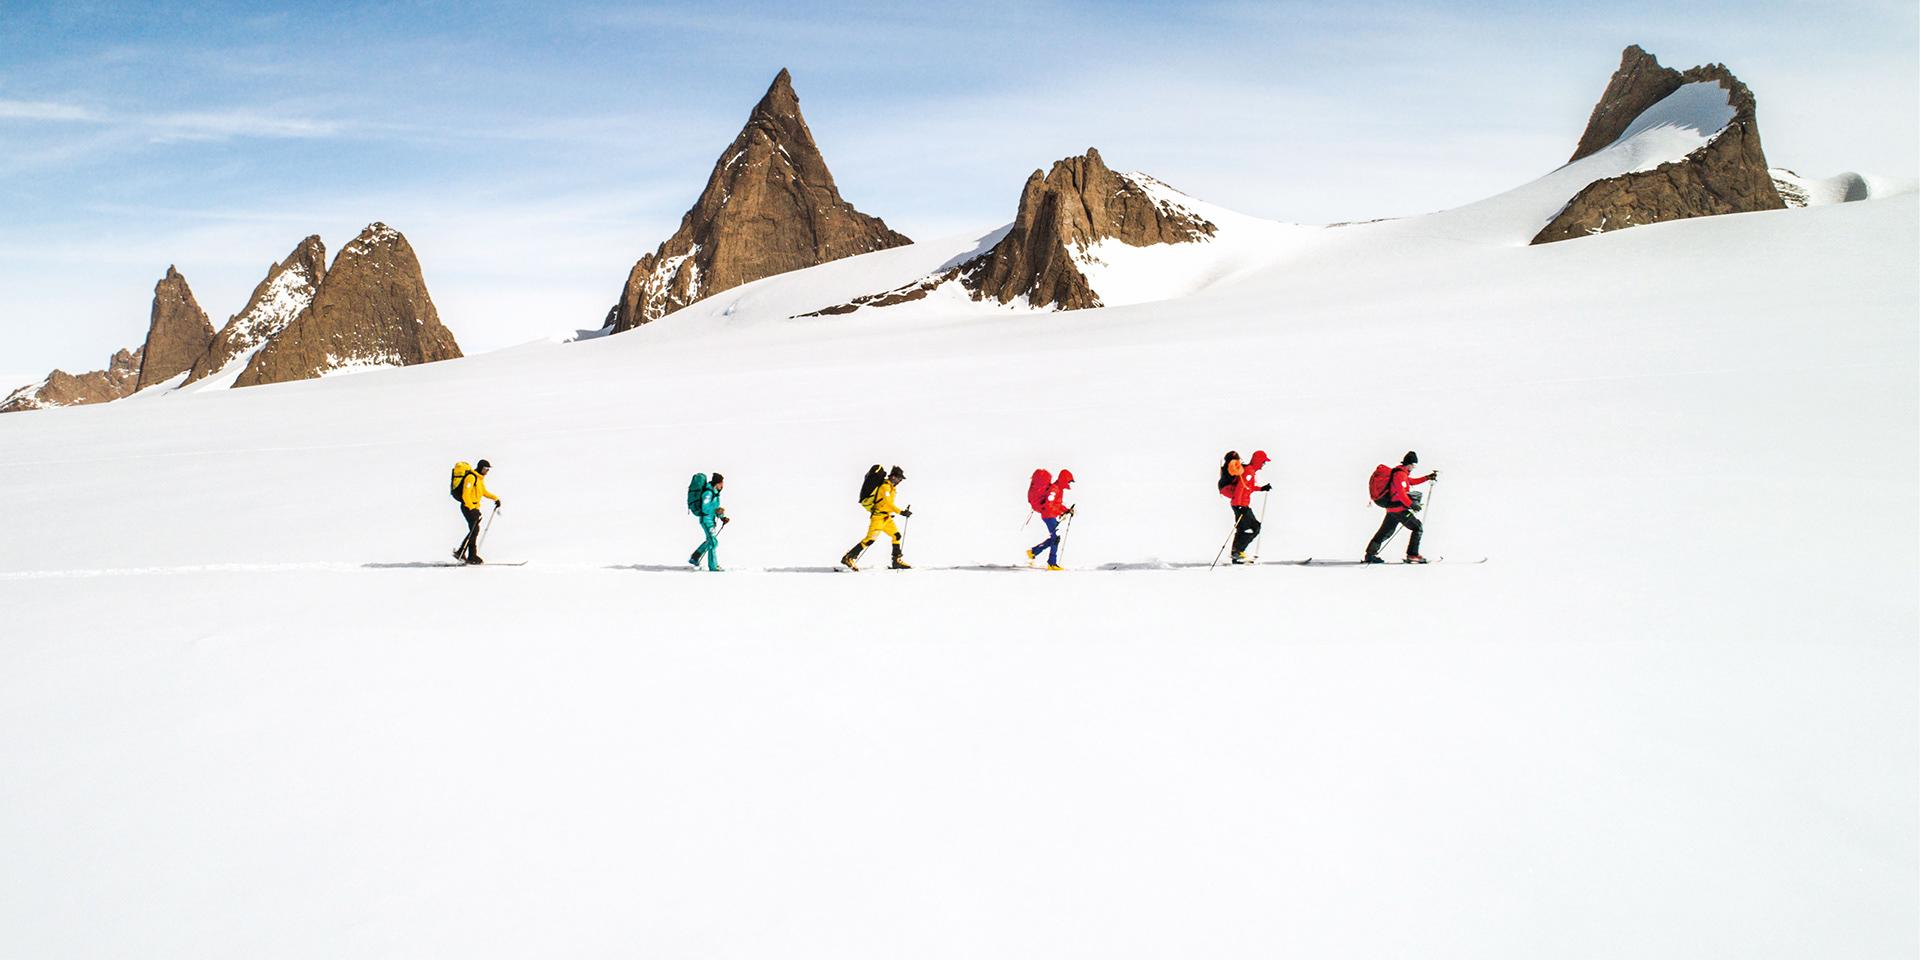 滑雪服装品牌画册设计